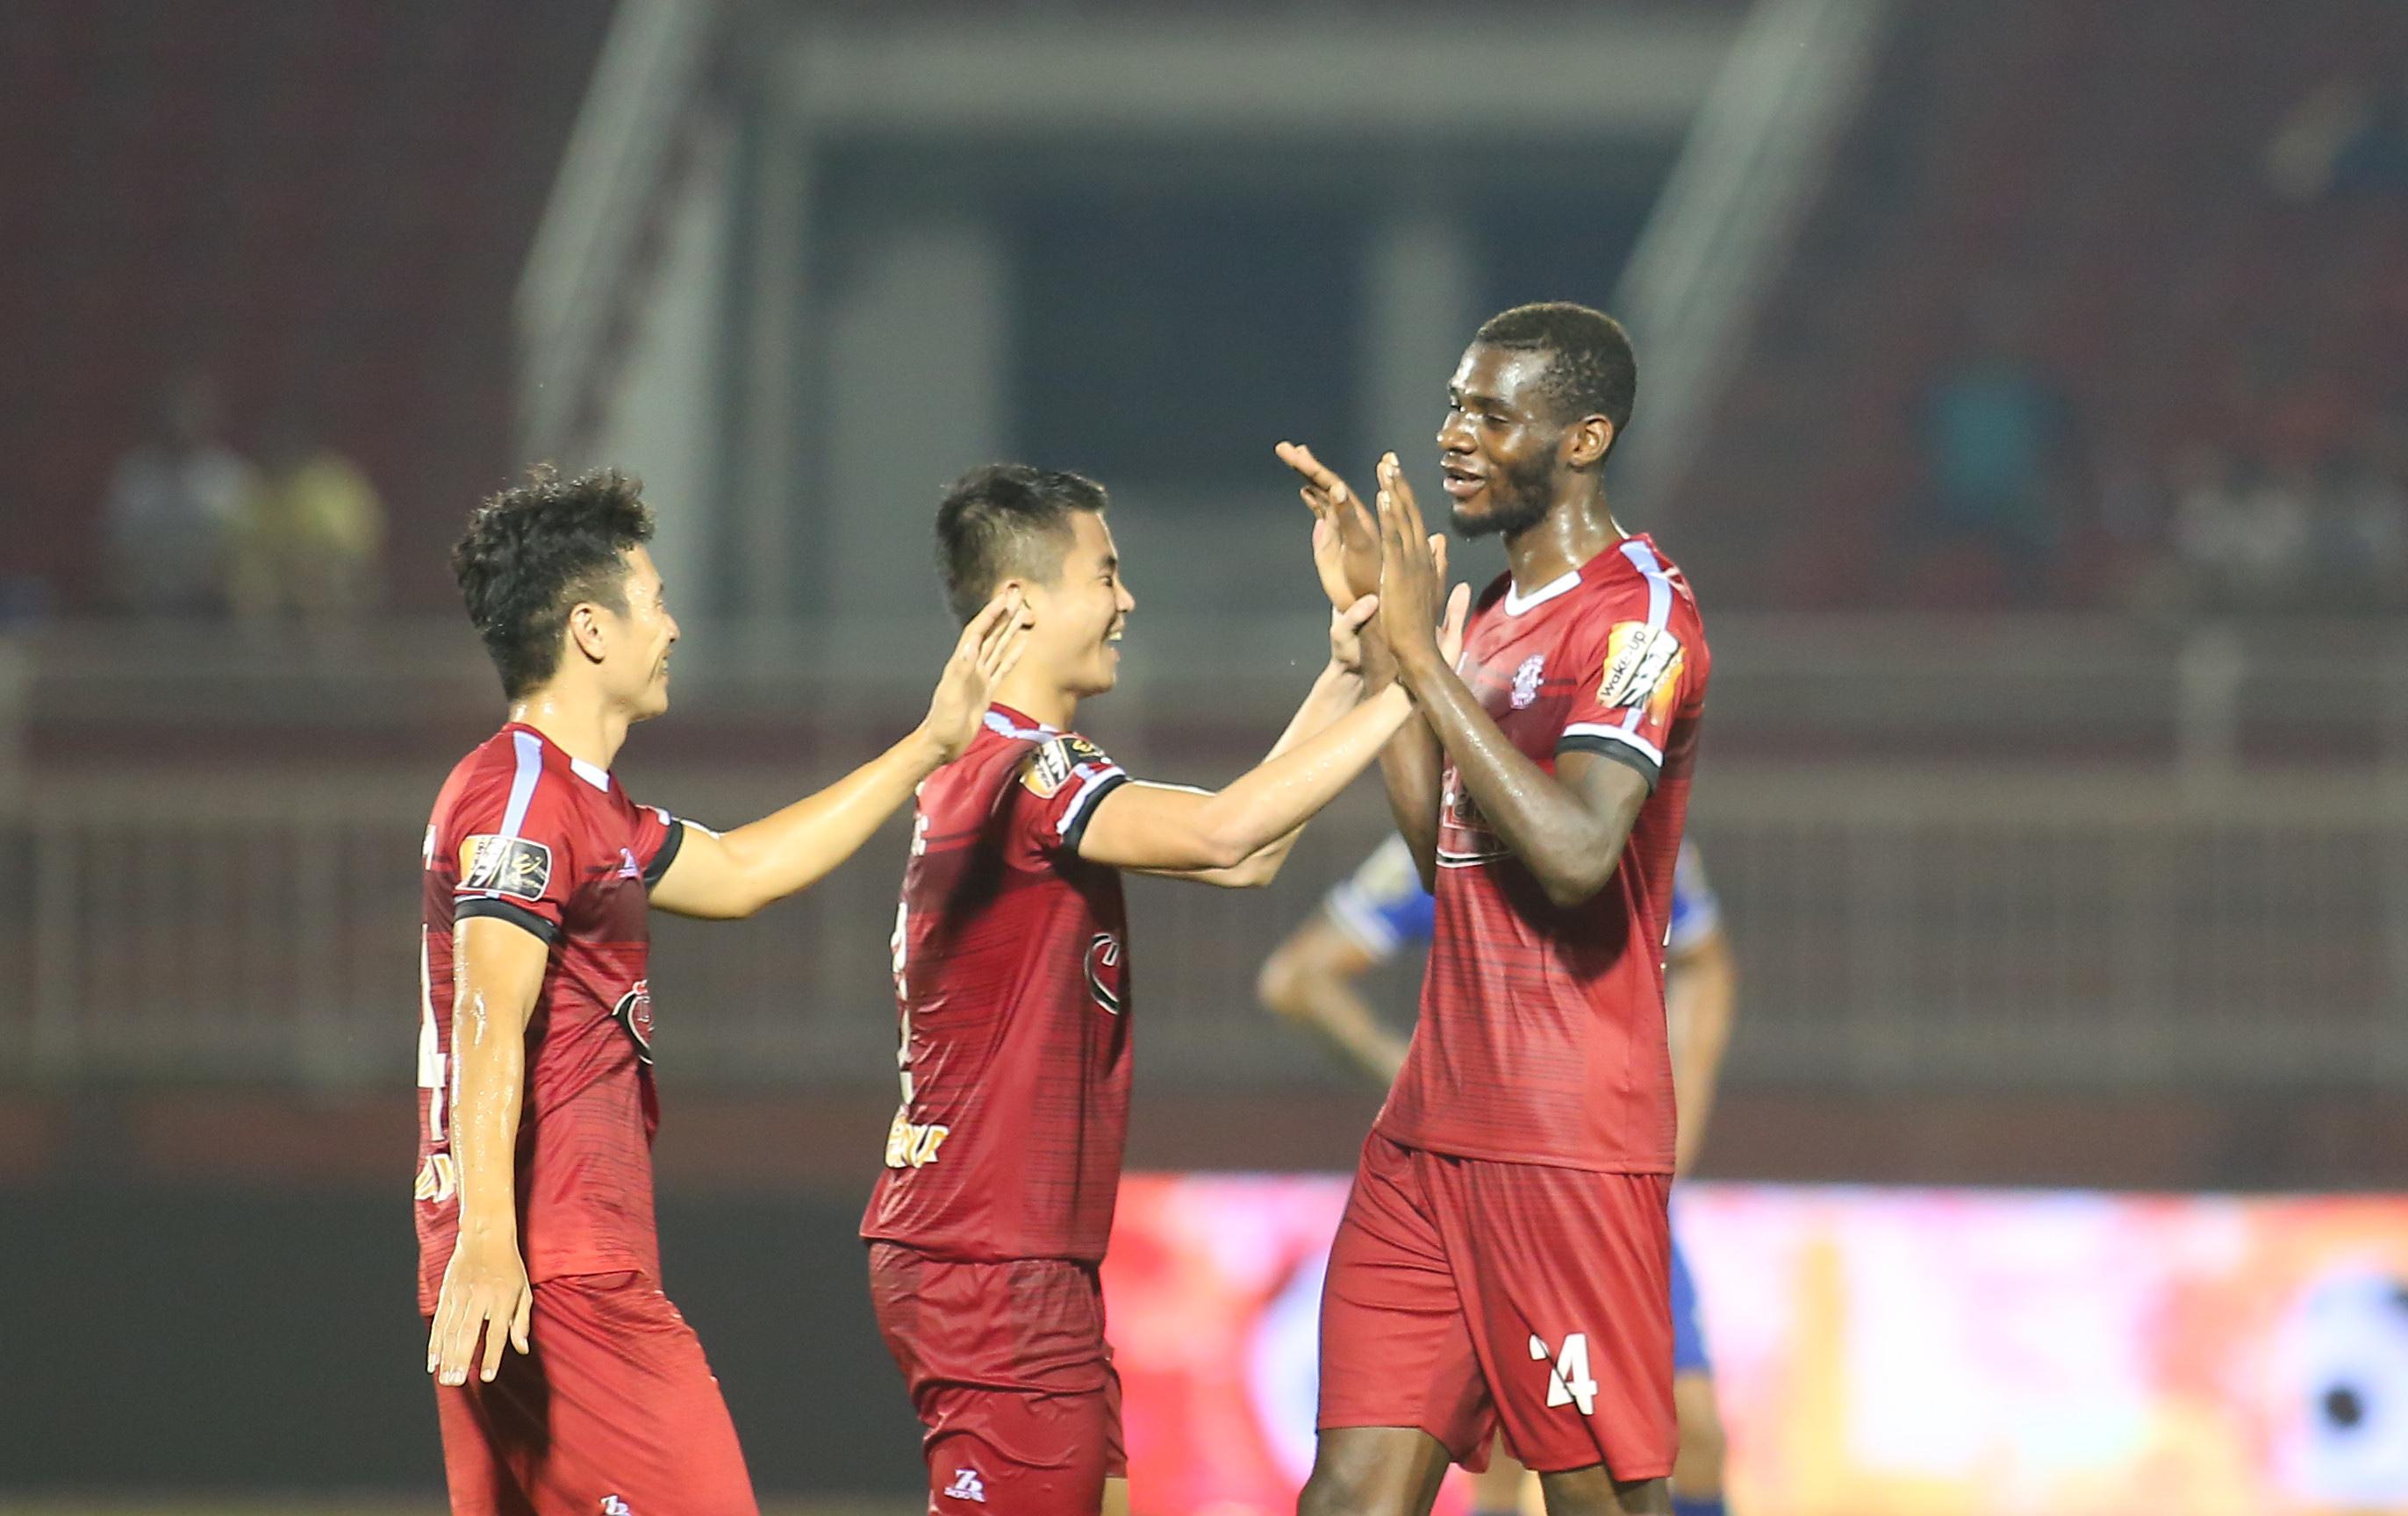 Đánh bại Bình Dương, TP.HCM trở lại ngôi đầu V-League - Bóng Đá